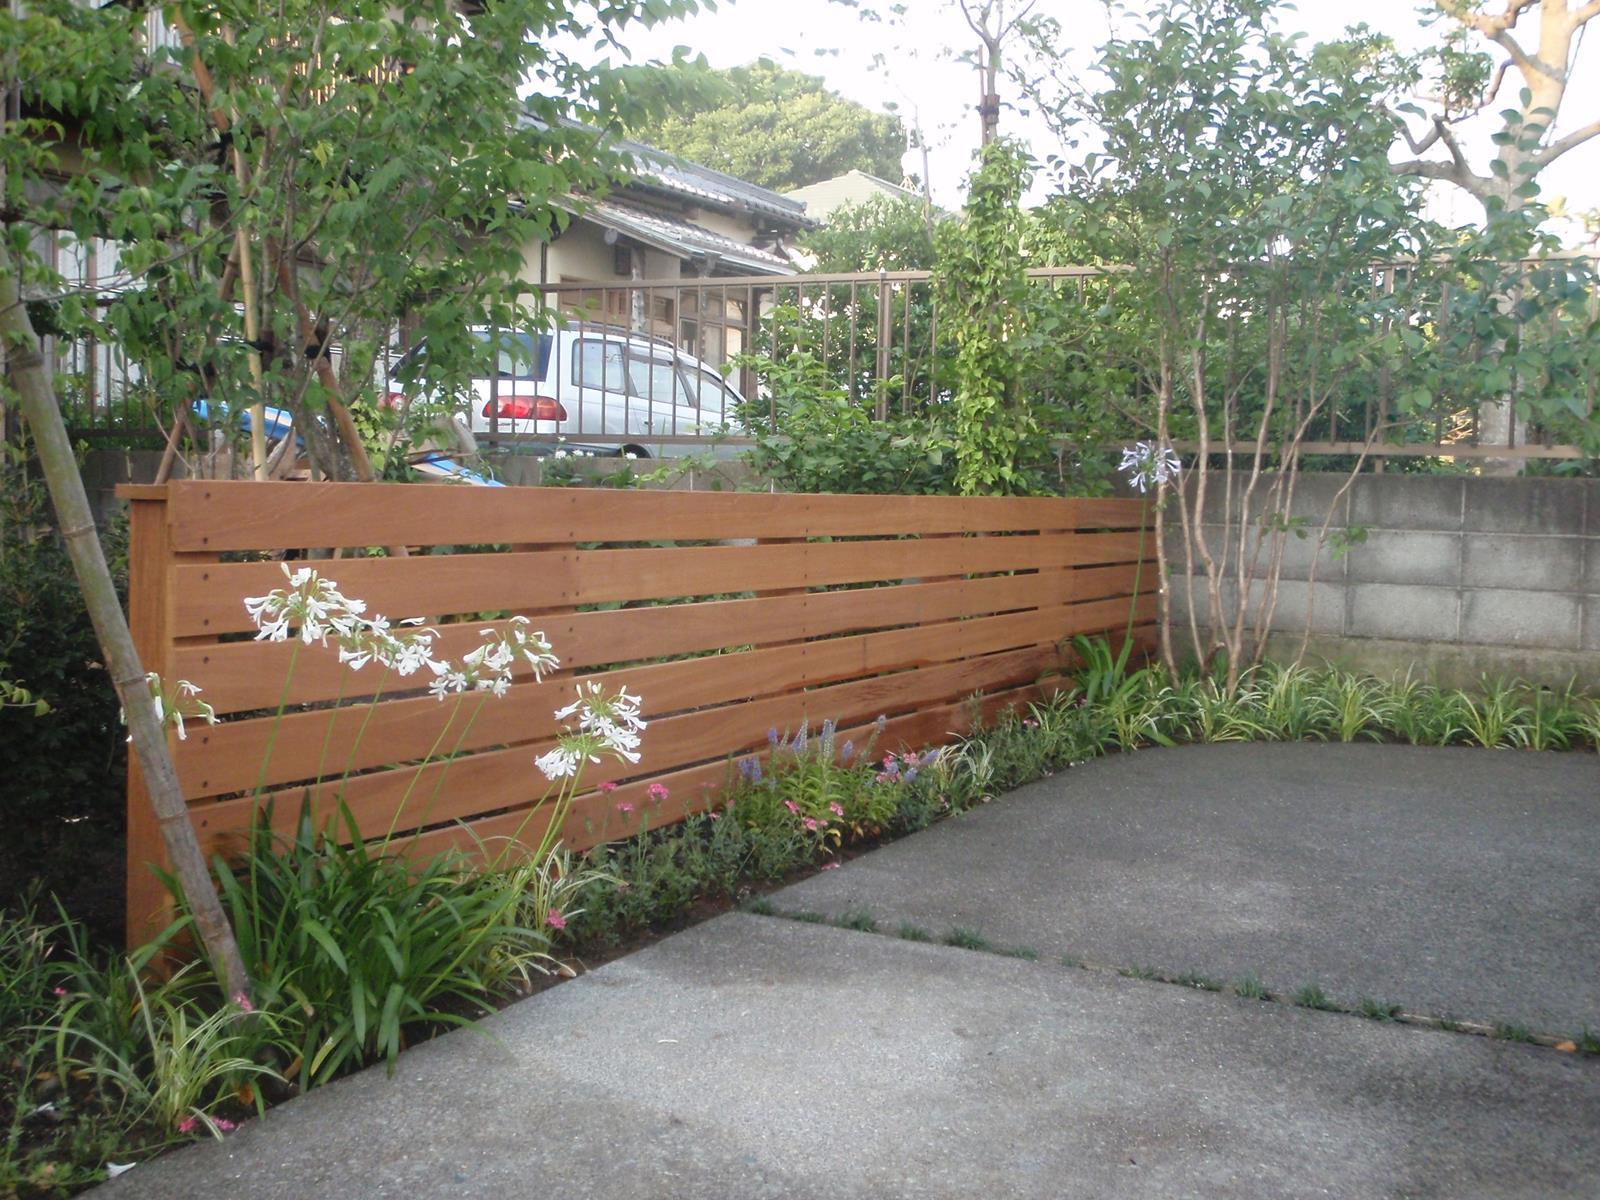 ハードウッド製の低いウッドフェンス